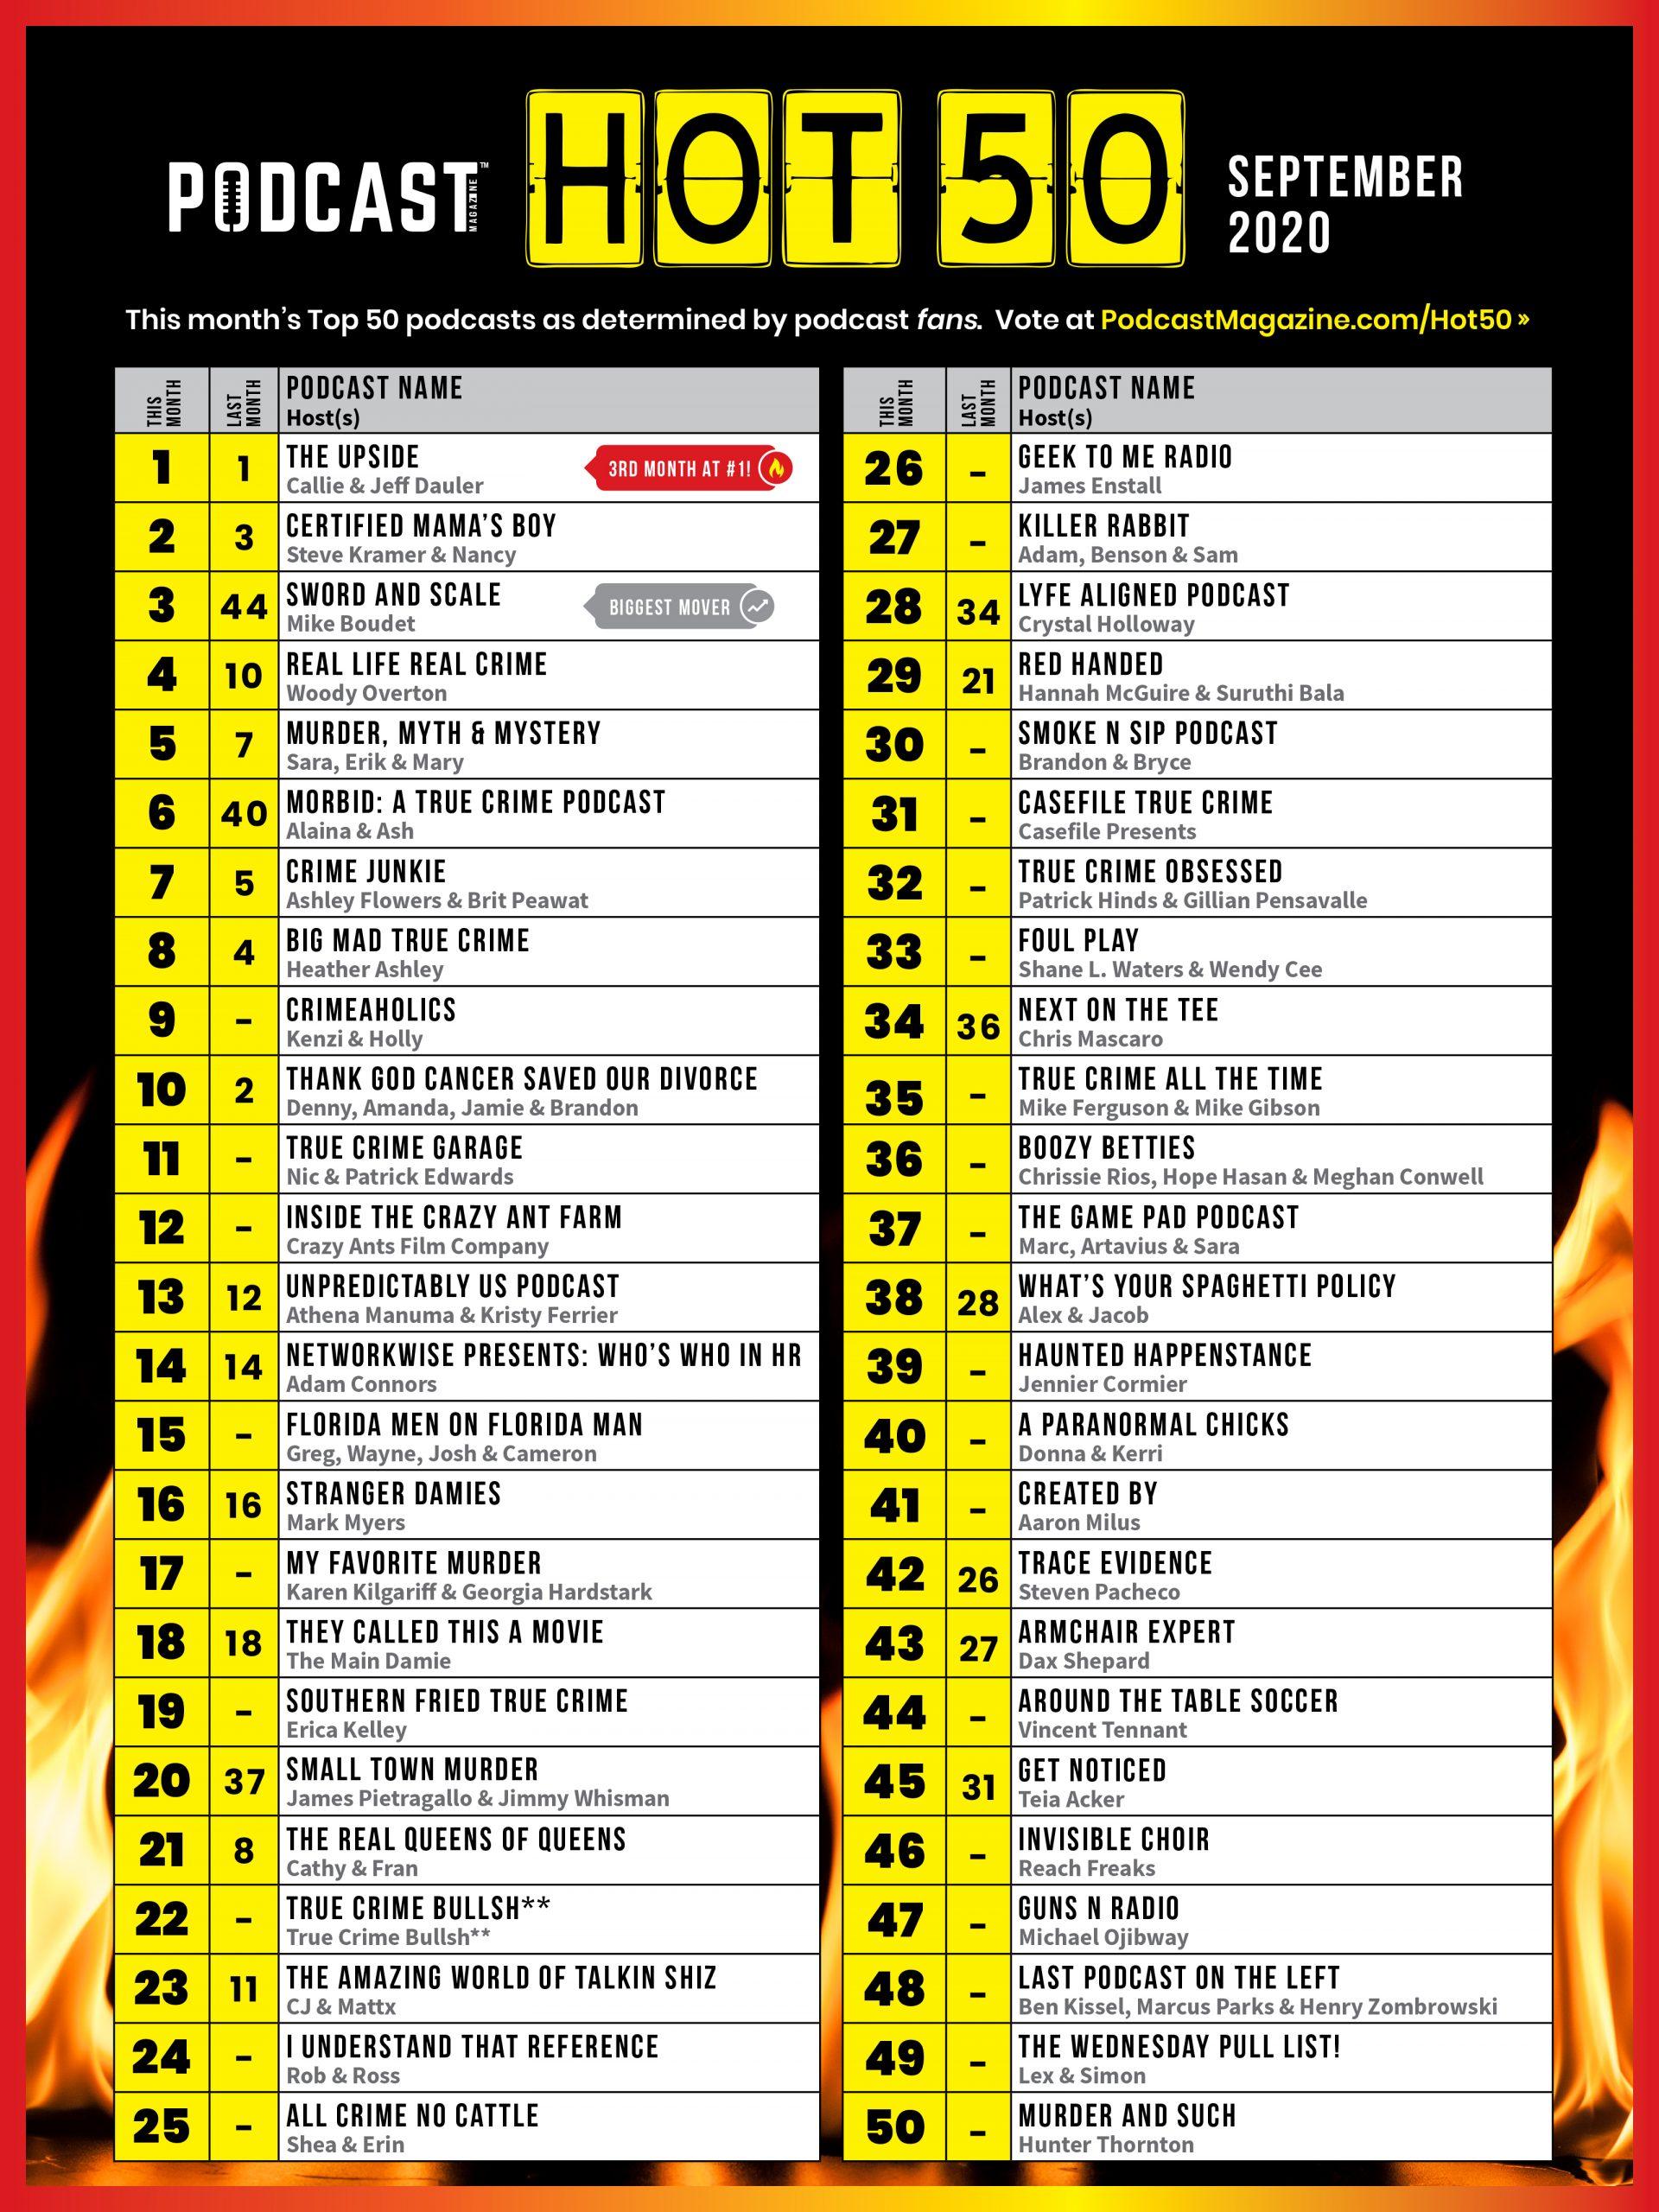 September 2020 Hot 50